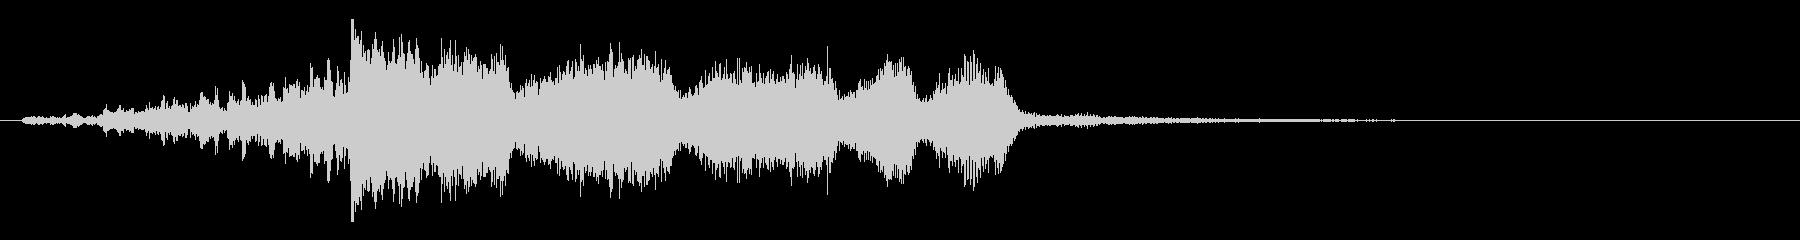 FFっぽいオーケストラ風のジングルの未再生の波形